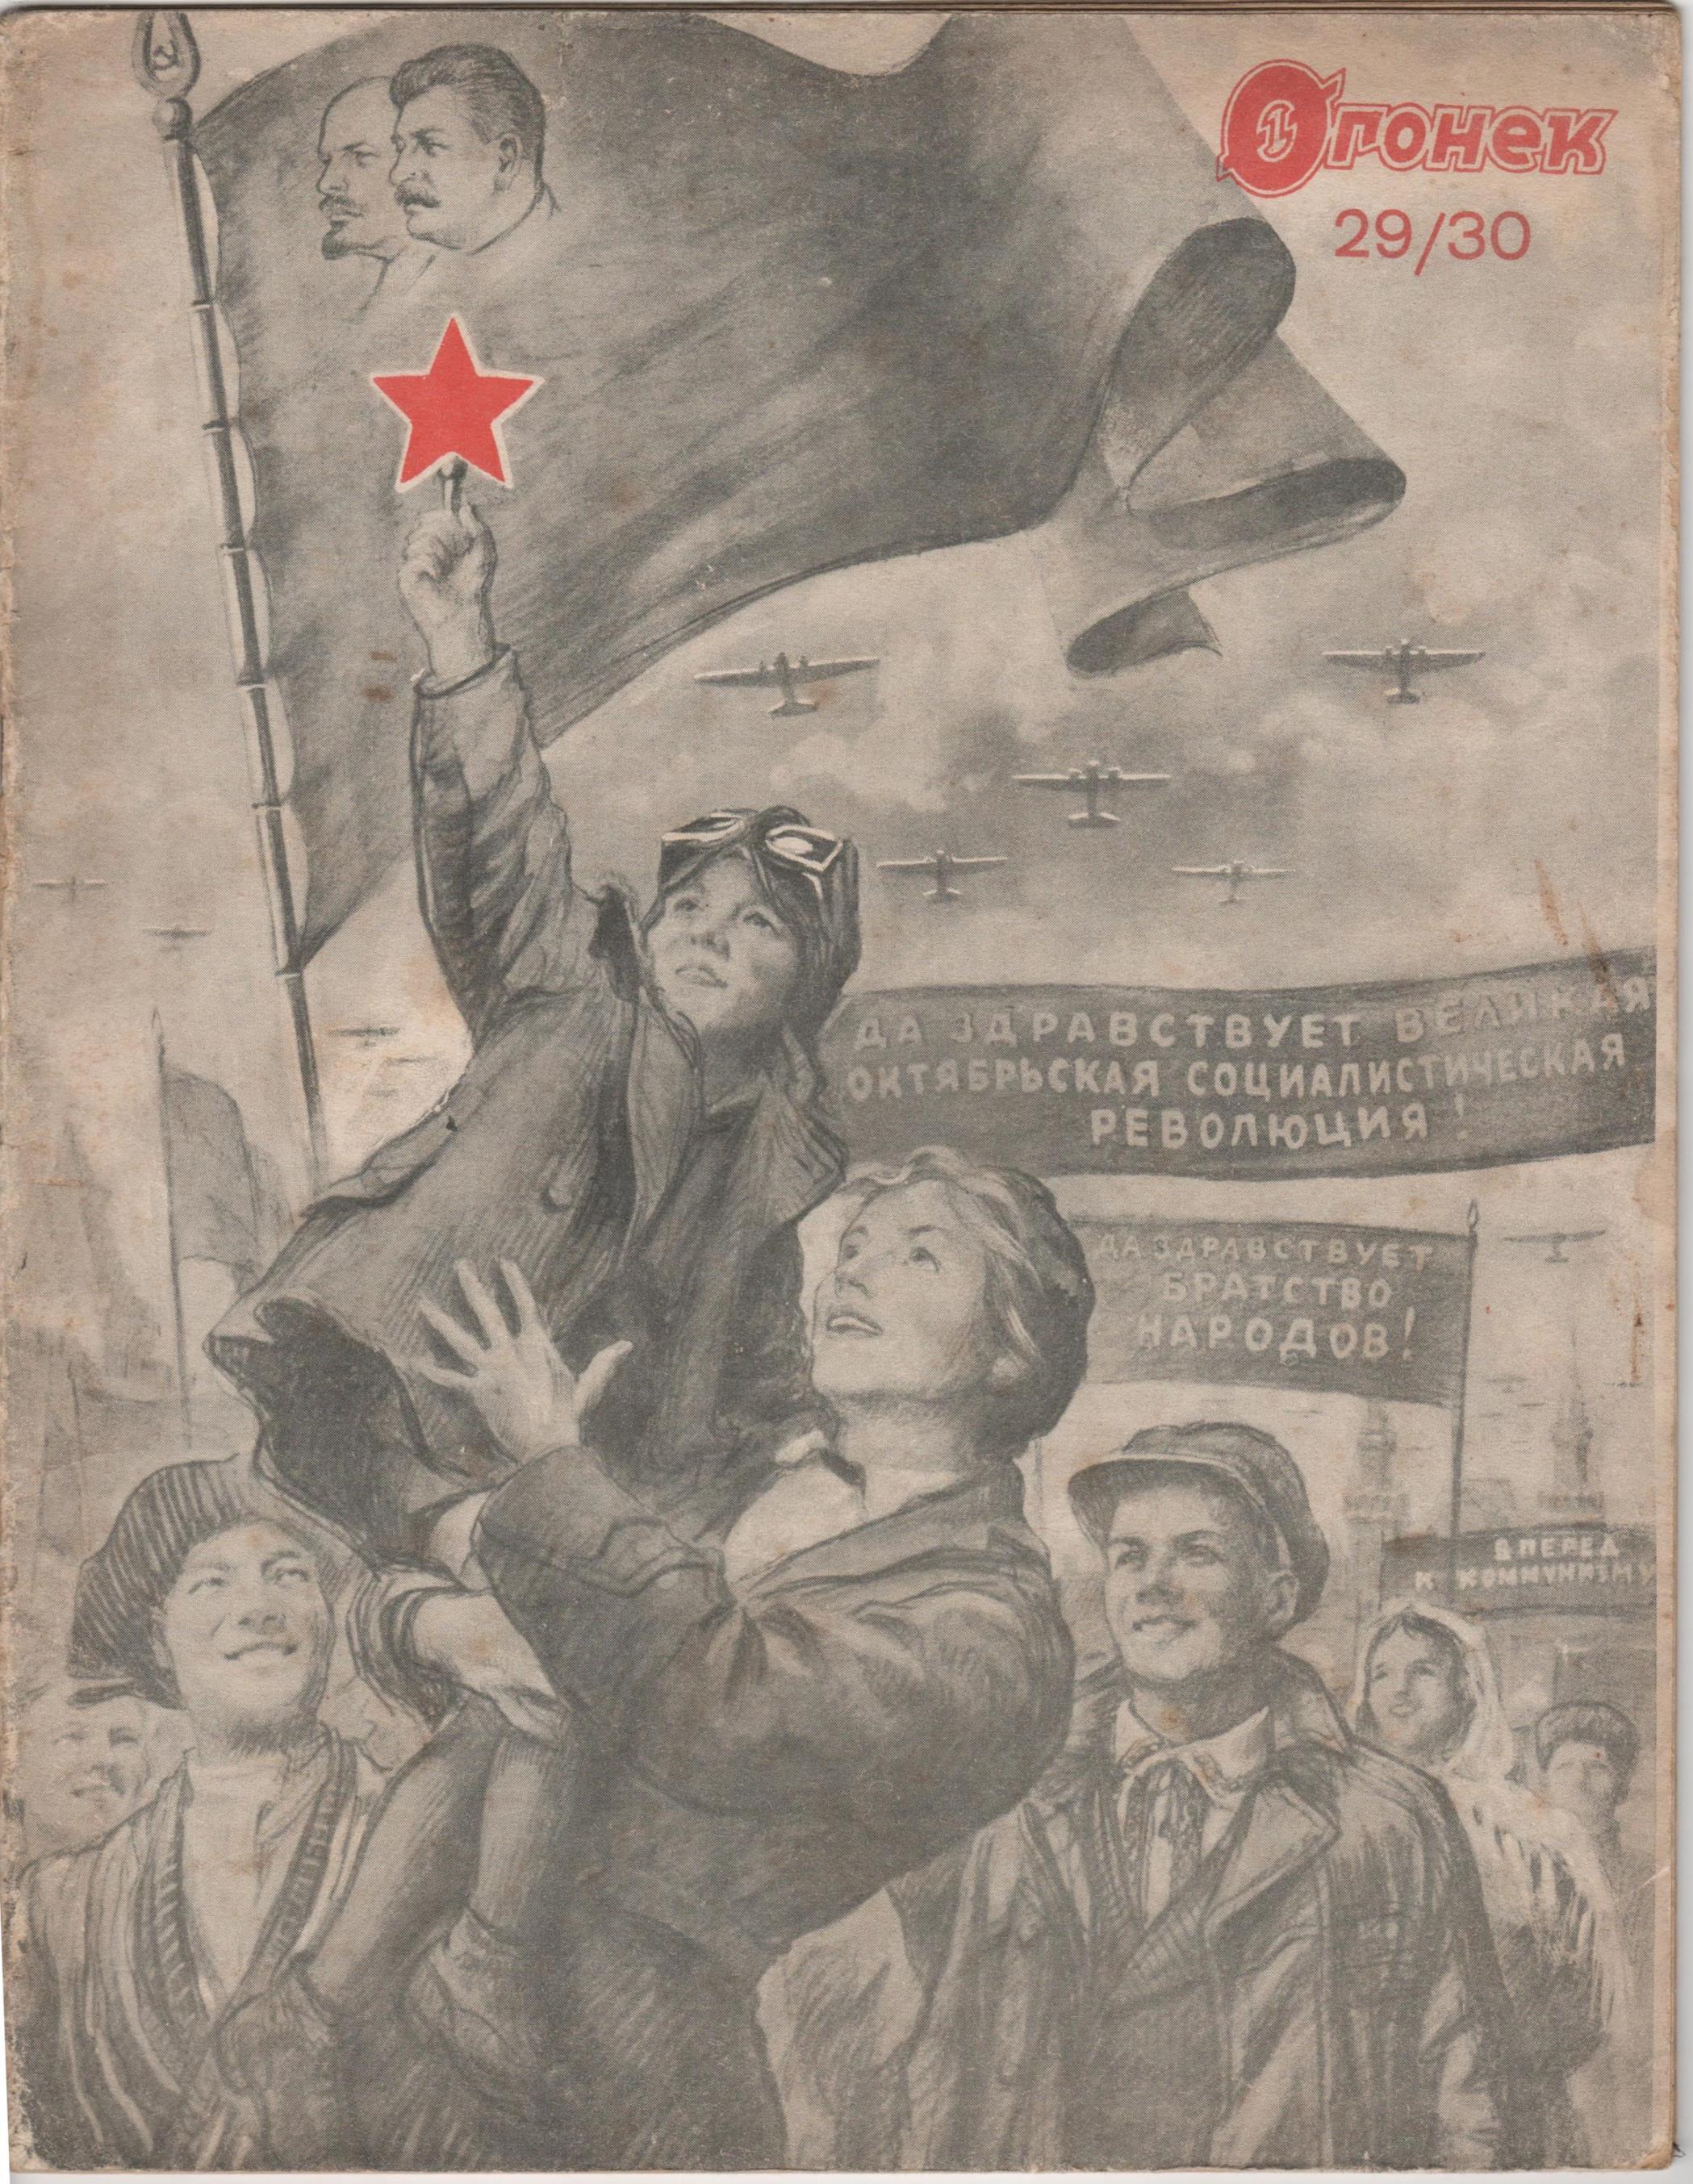 """Журнал """"Огонек"""". 1939. № 29/30"""